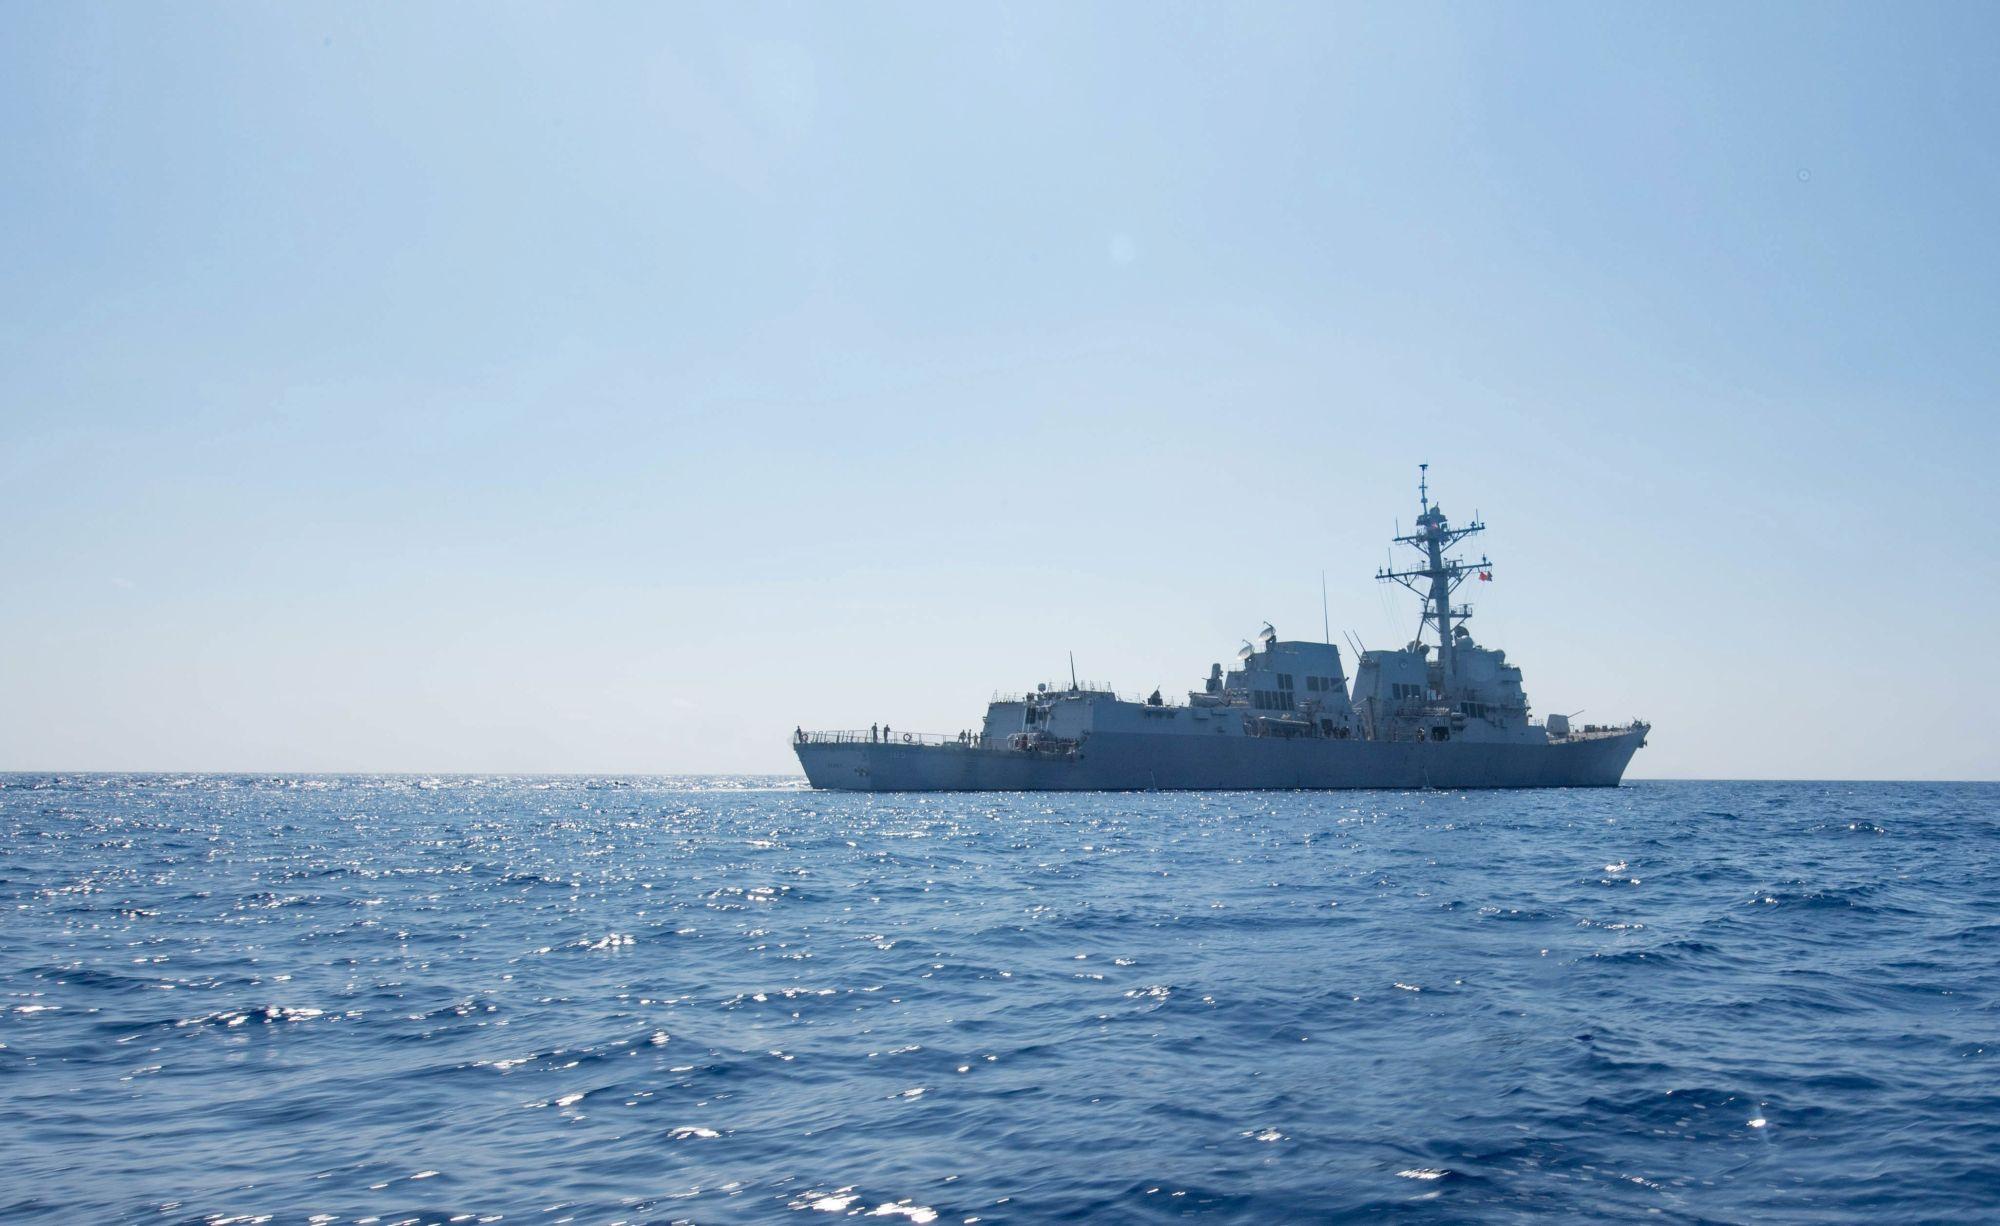 Az amerikai haditengerészet által 2017. május 25-én közreadott kép a Dewey amerikai hadihajóról a dél-kínai-tengeren 2017. május 6-án. A térségbe vezényelt Carl Vinson repülőgép-hordozó kötelékébe tartozó Dewey romboló 12 mérföldnél közelebb hajózott egy olyan mesterséges szigethez, amelyet Kína épített egy olyan zátonyon, amelyet több ország is magának követel a Dél-kínai-tengeren. (MTI/EPA/Amerikai haditengerészet)